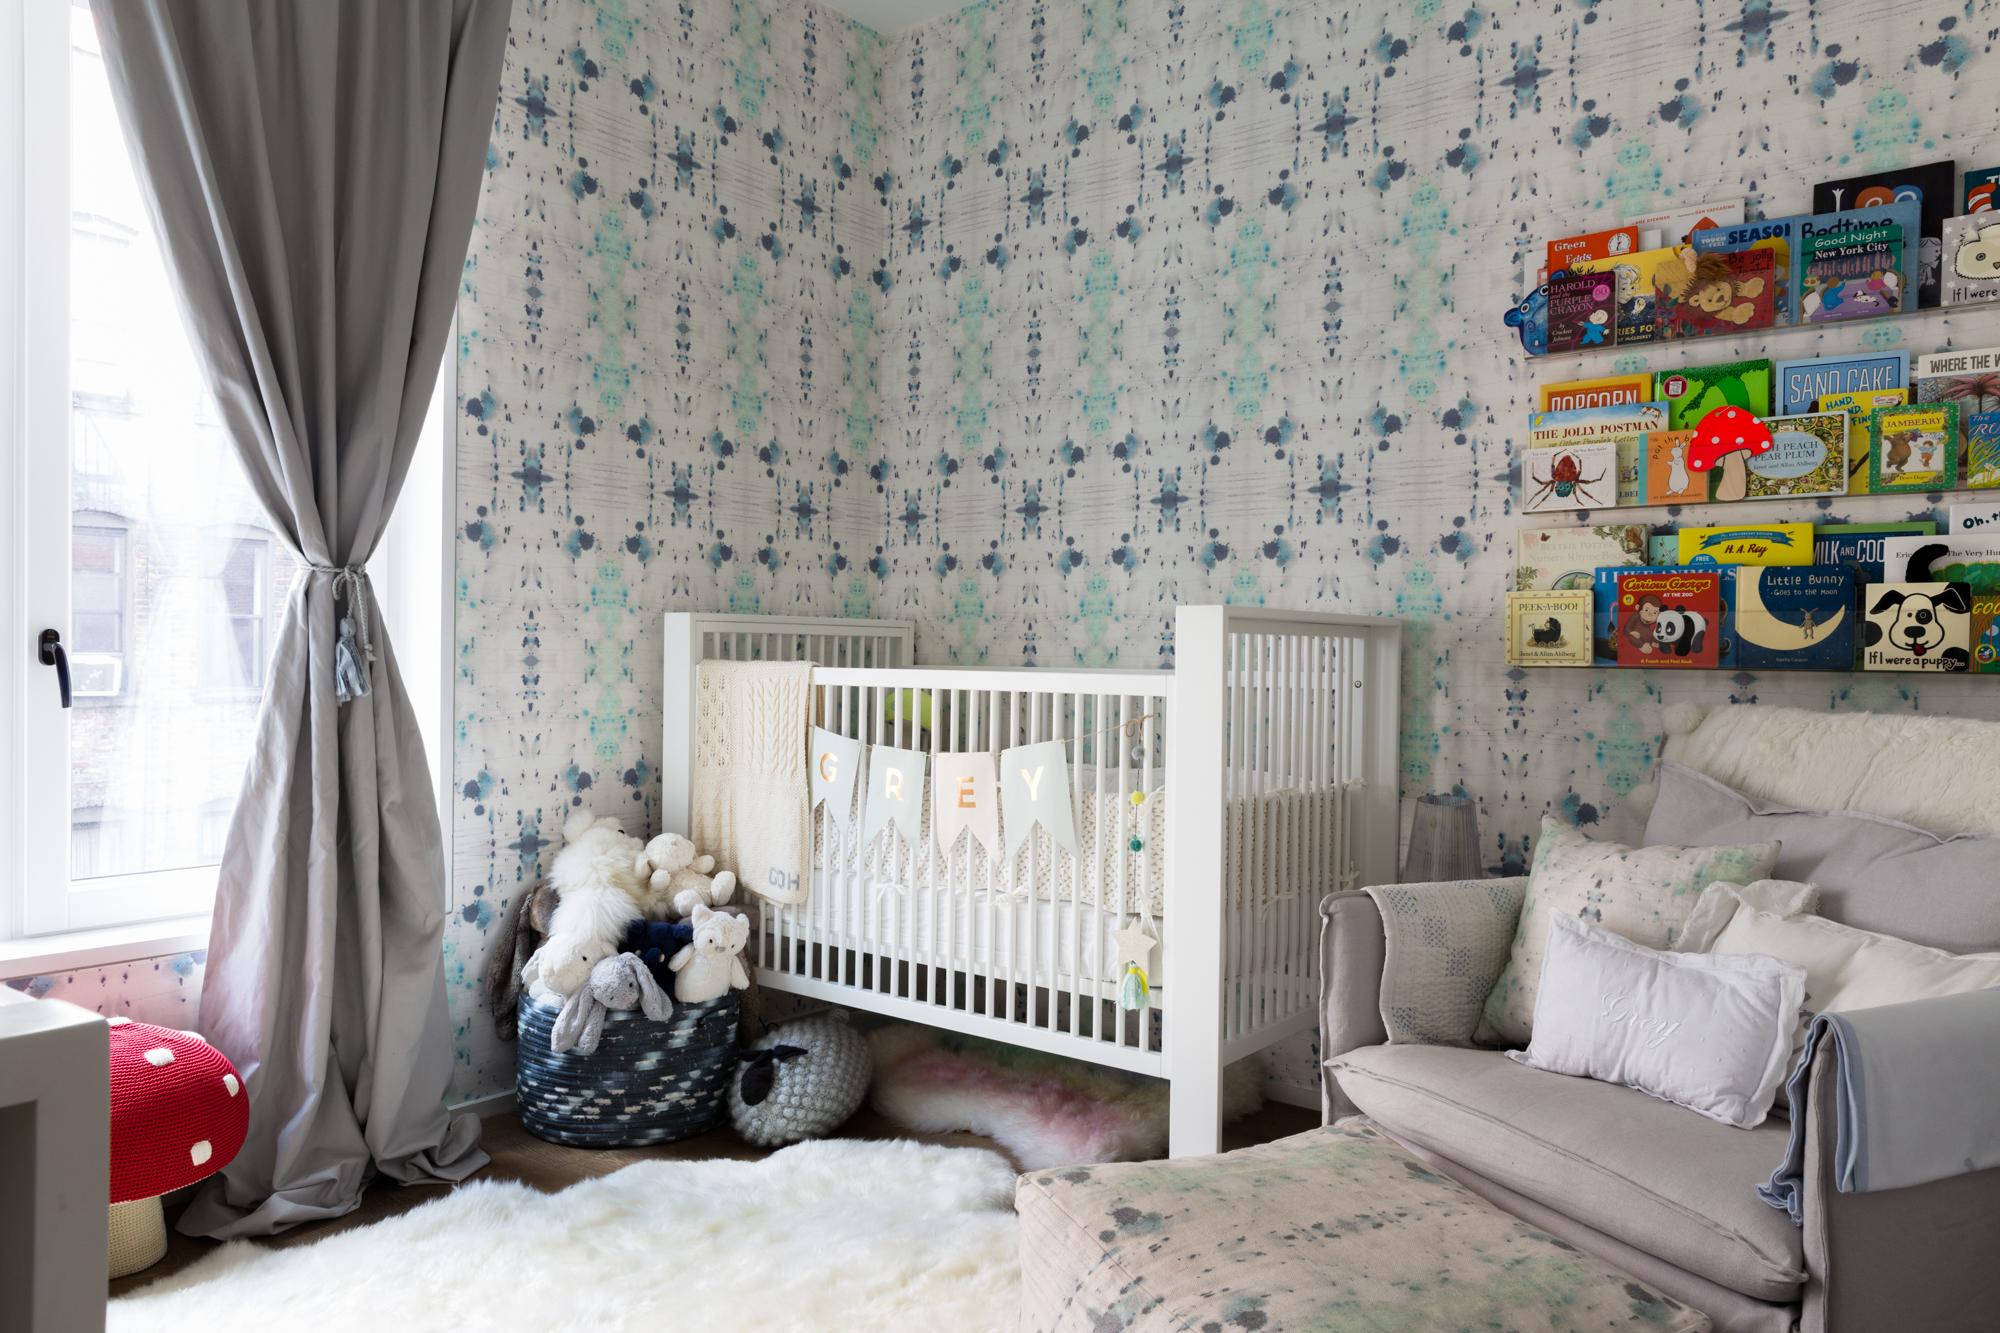 Interiors for website-19.jpg